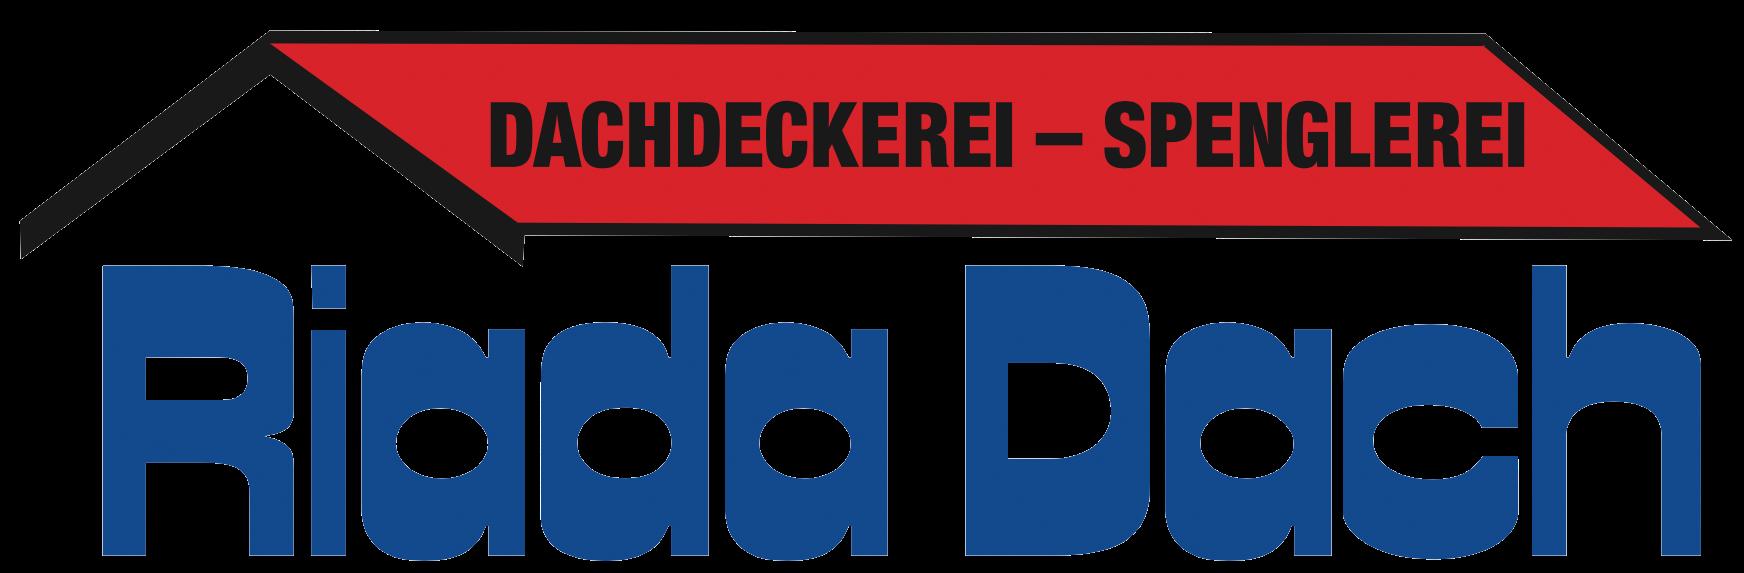 RIADA Dach GmbH - Dachdecker und Spengler in Ried i.I. | Ihr Fachmann für Dachdeckerei, Spenglerei, Fassadenbau, Hallenbau, Hallensanierung, Flachdächer und Reparatur - RIADA Dach GmbH aus Ried i.I. in Oberösterreich.